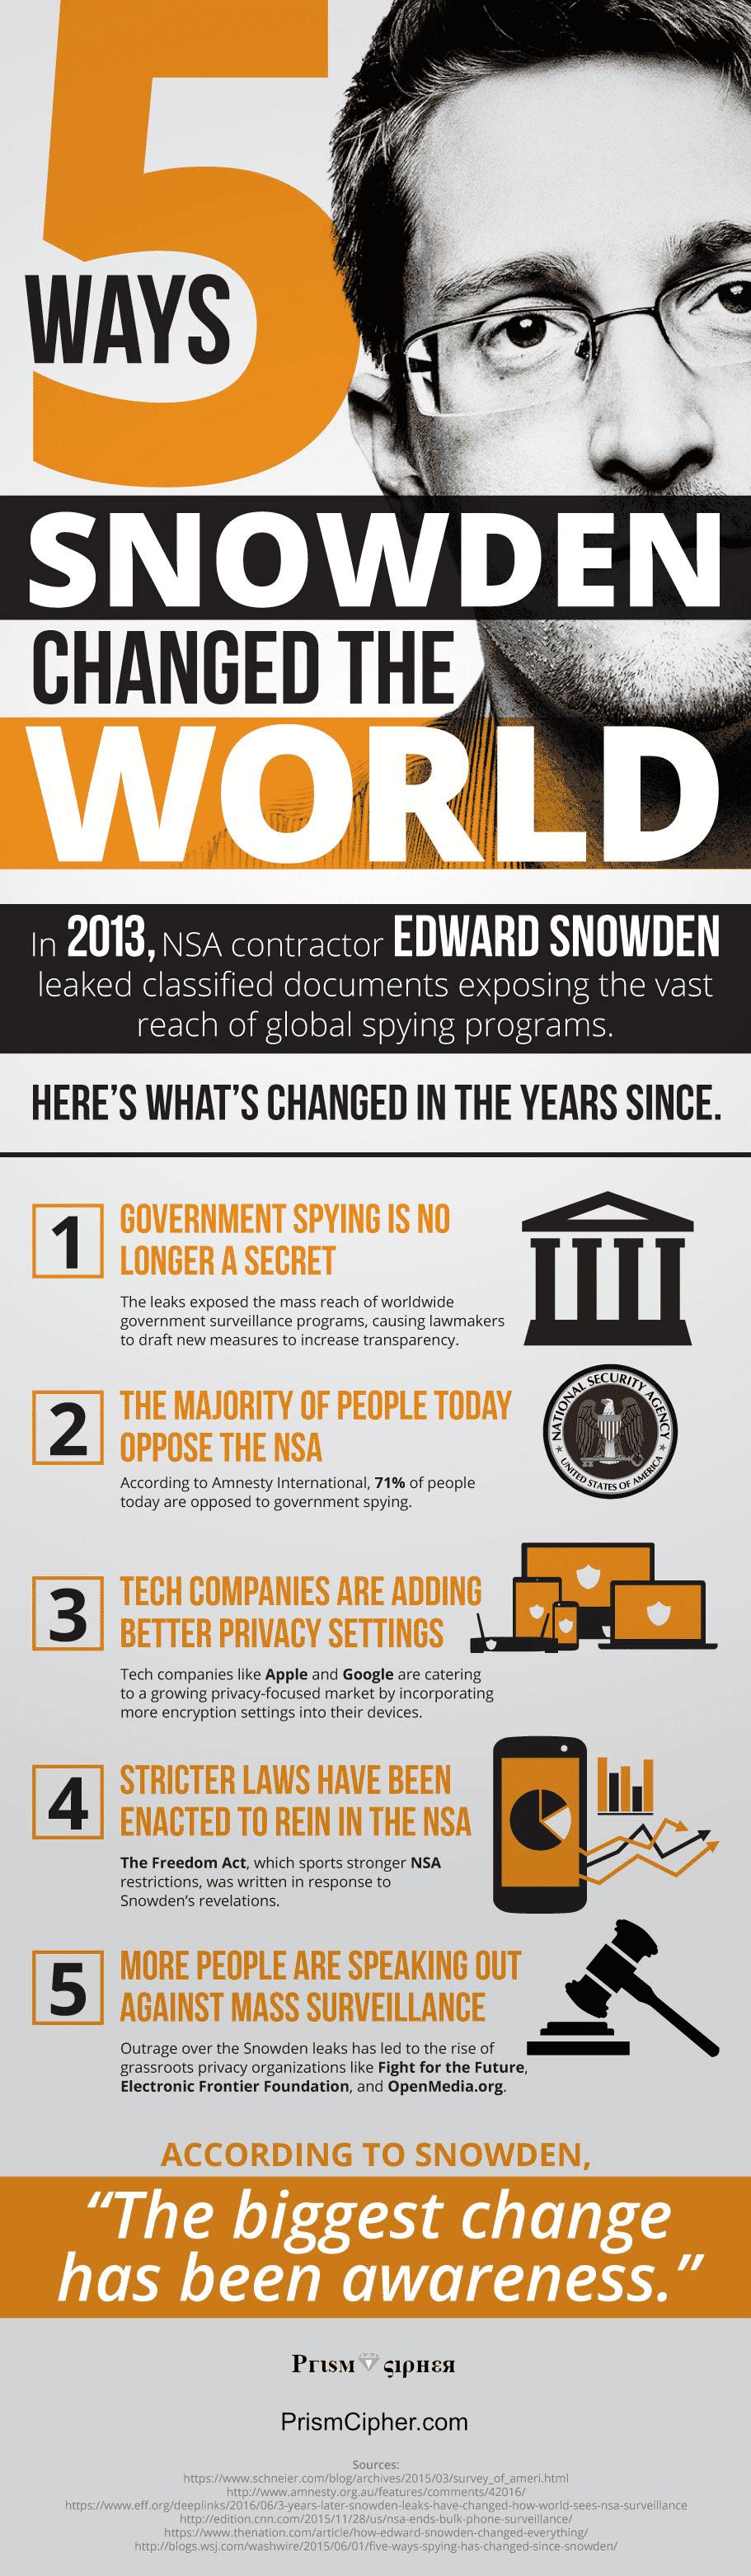 5 ways Snowden changed the world